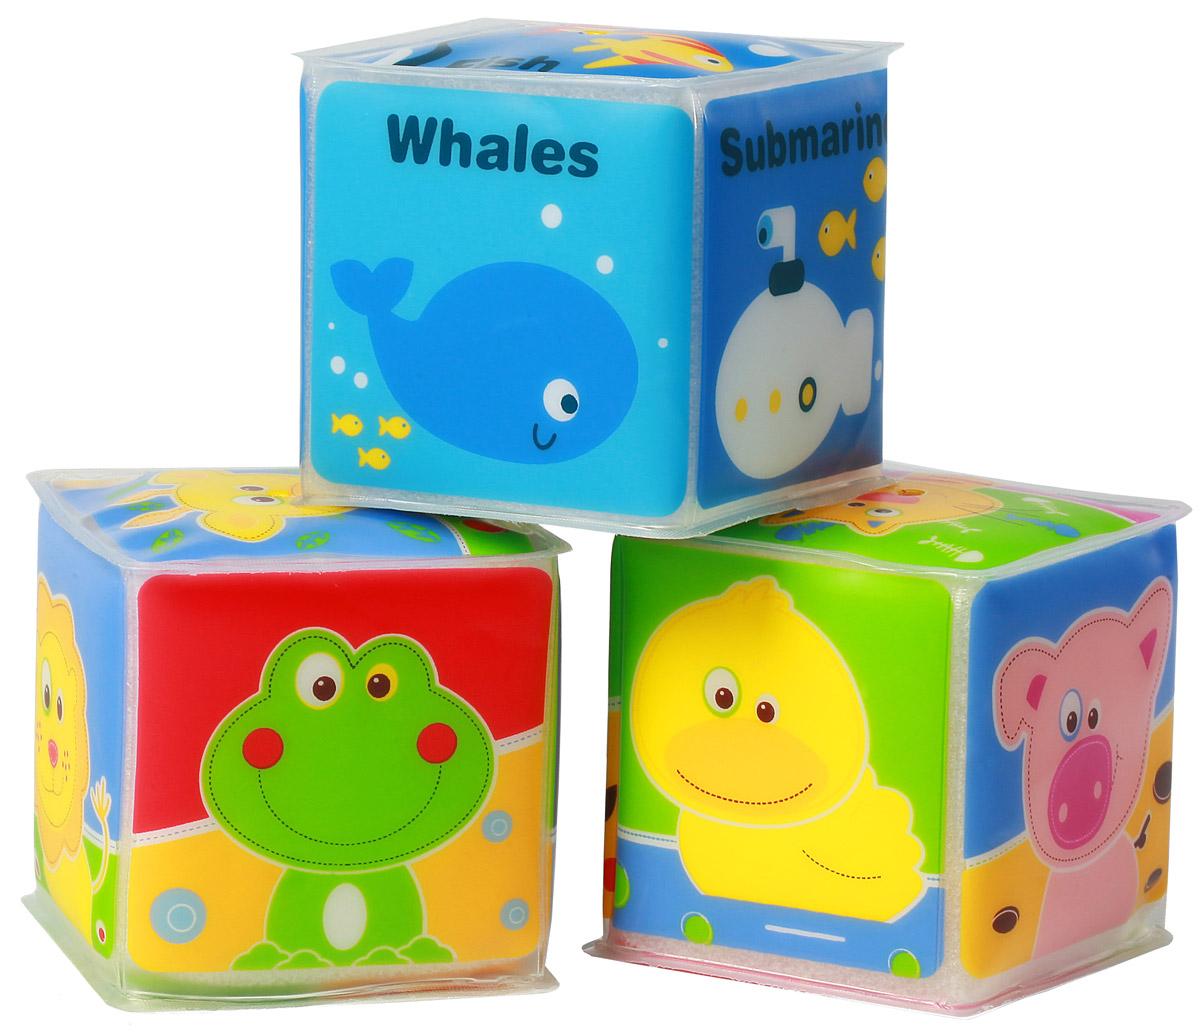 BabyOno Набор кубиков 3 шт894Набор кубиков BabyOno - это набор трех мягких разноцветных кубиков, на каждую грань которых нанесены различные животные. Небольшой размер кубиков подходит для маленьких ручек ребенка. Кубики являются превосходной помощью в изучении слов и цветов, а также в совершенствовании мануальных навыков. Идеально складываются в башни и ряды. Кубики изготовлены из безопасных, прочных и нетоксичных материалов. Товар сертифицирован.